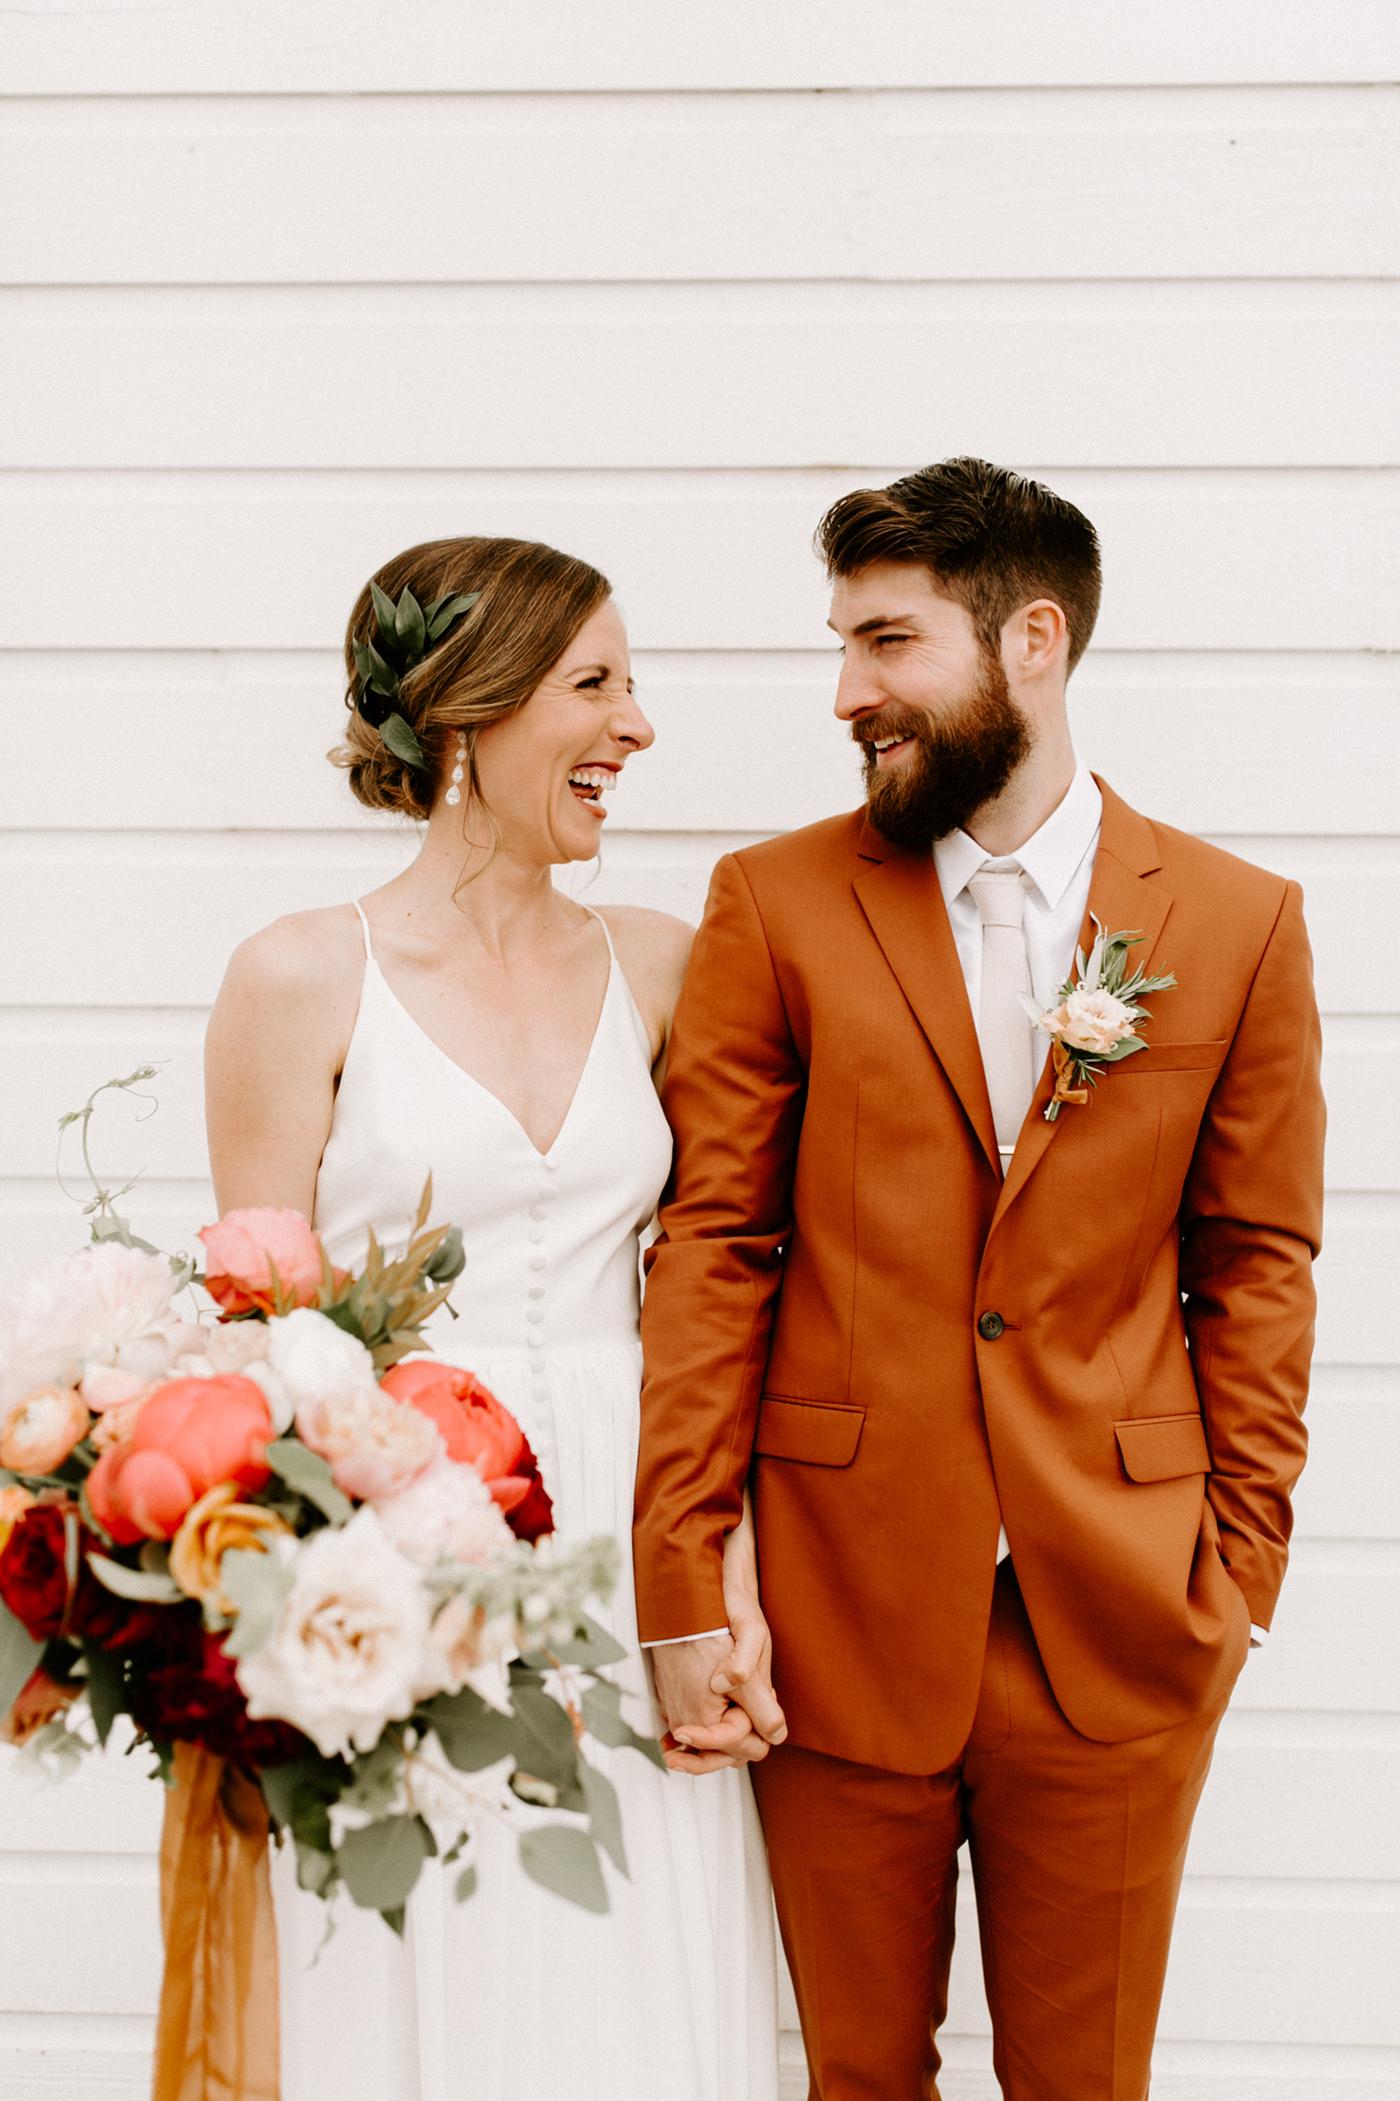 unique wedding color palettes burnt orange suit pink white flowers